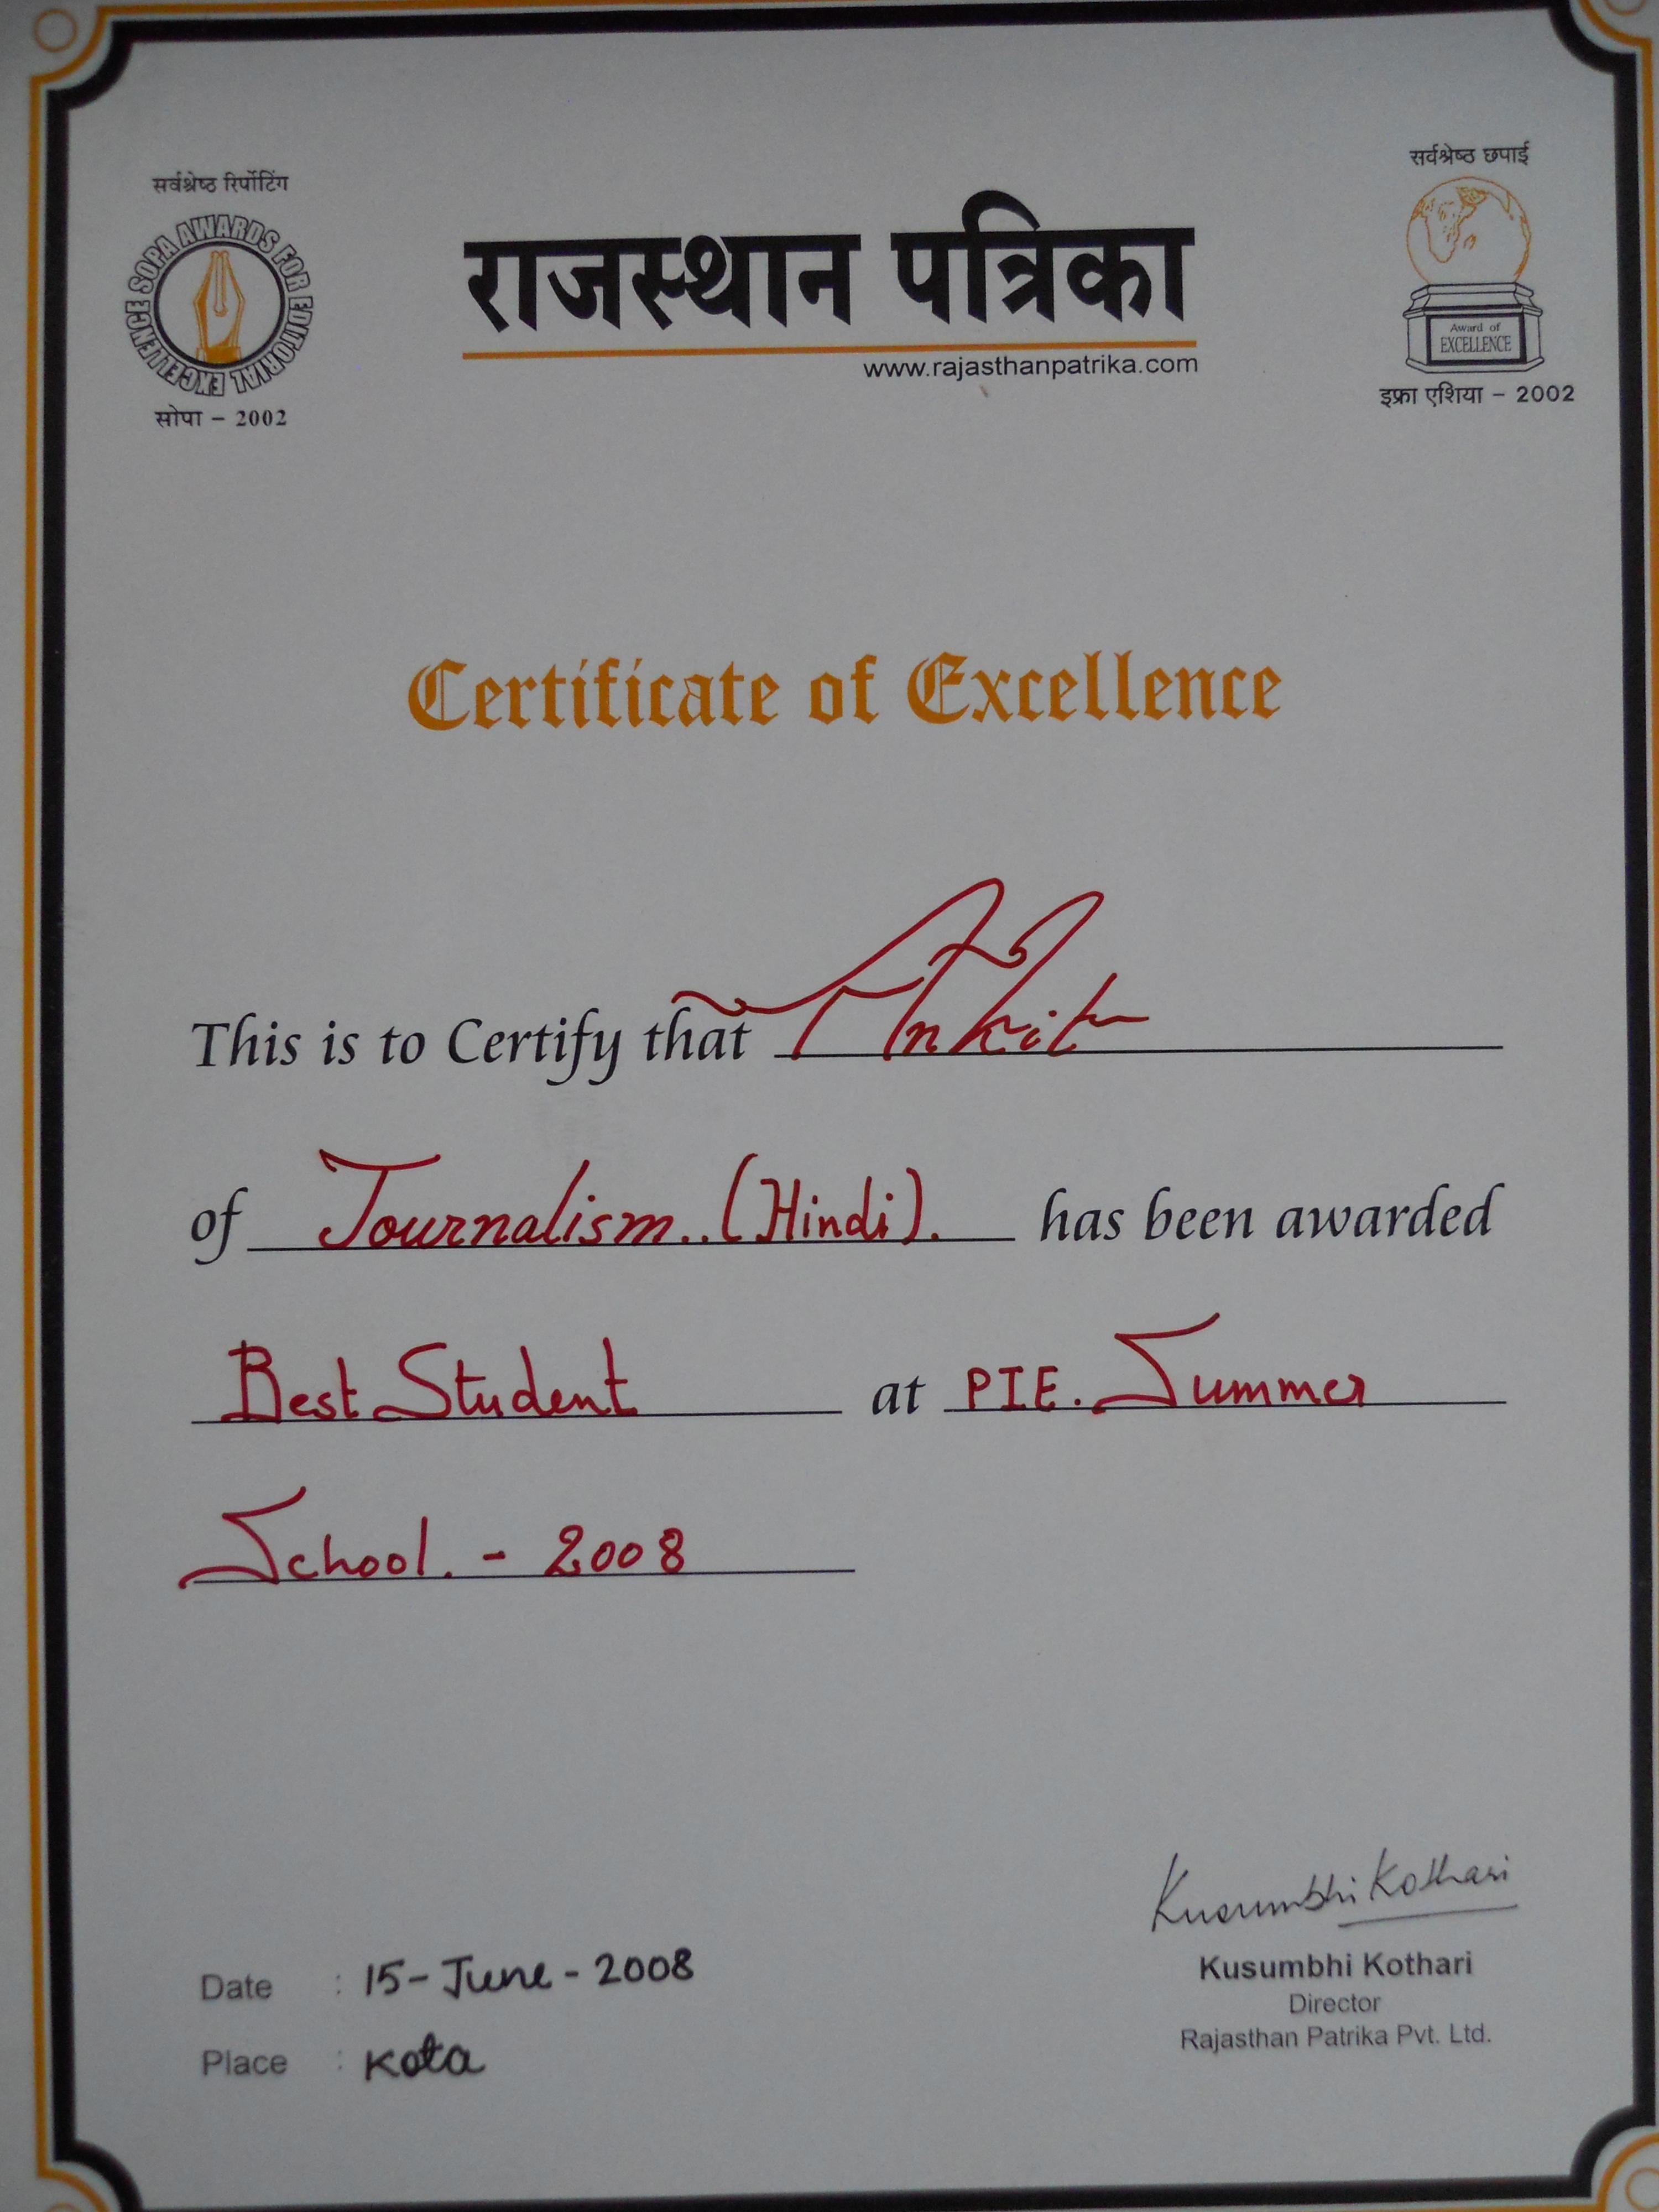 Rajasthan Patrika Logo Website of Rajasthan Patrika